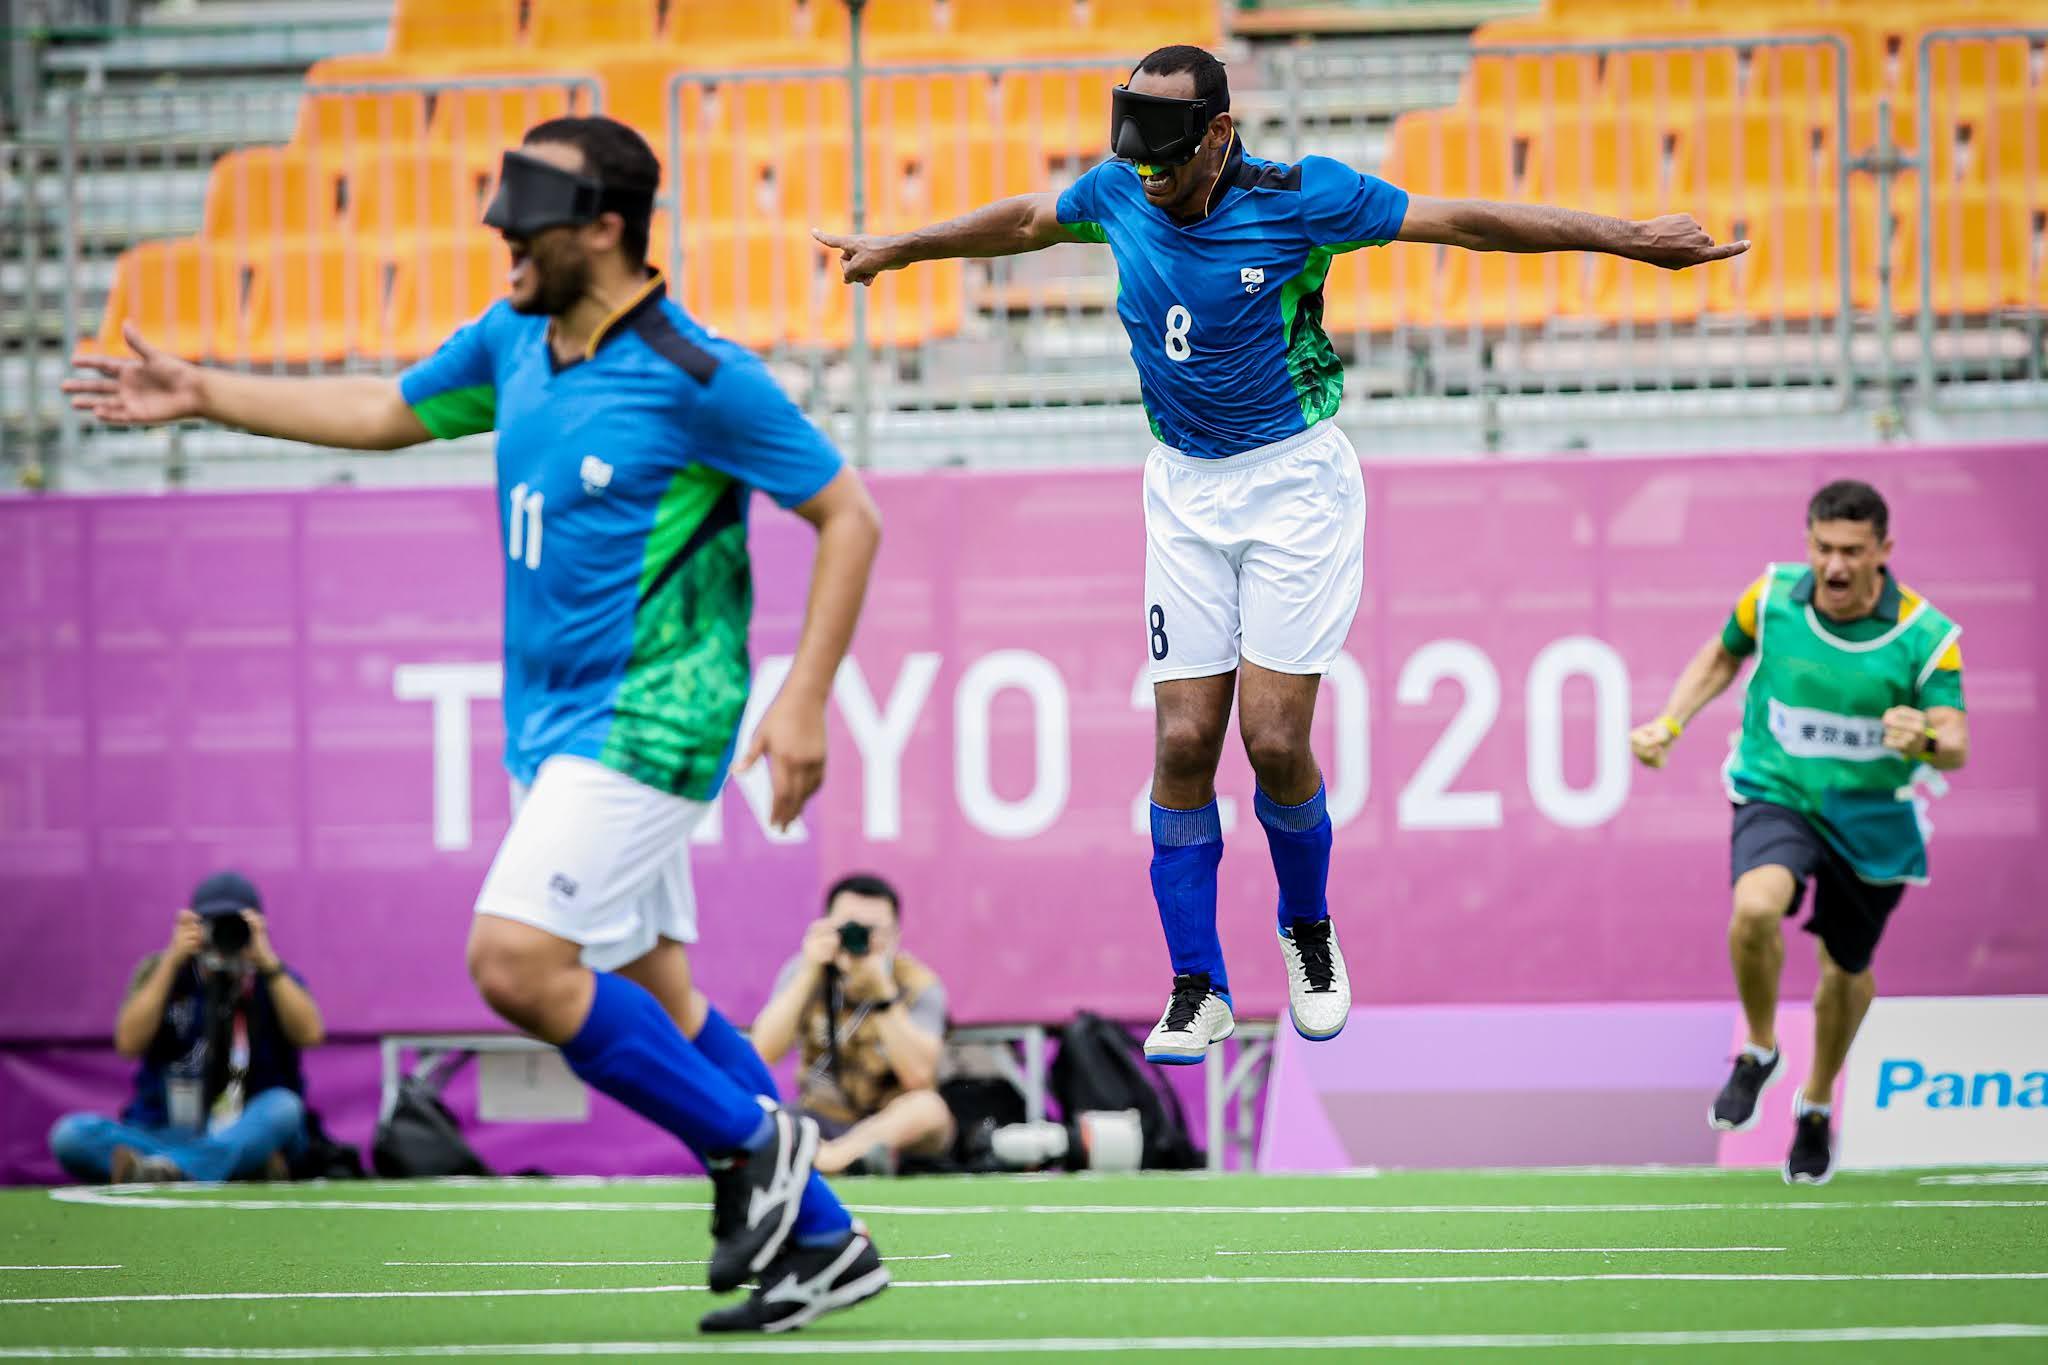 Nonato pula ao marcar o primeiro gol do futebol de 5